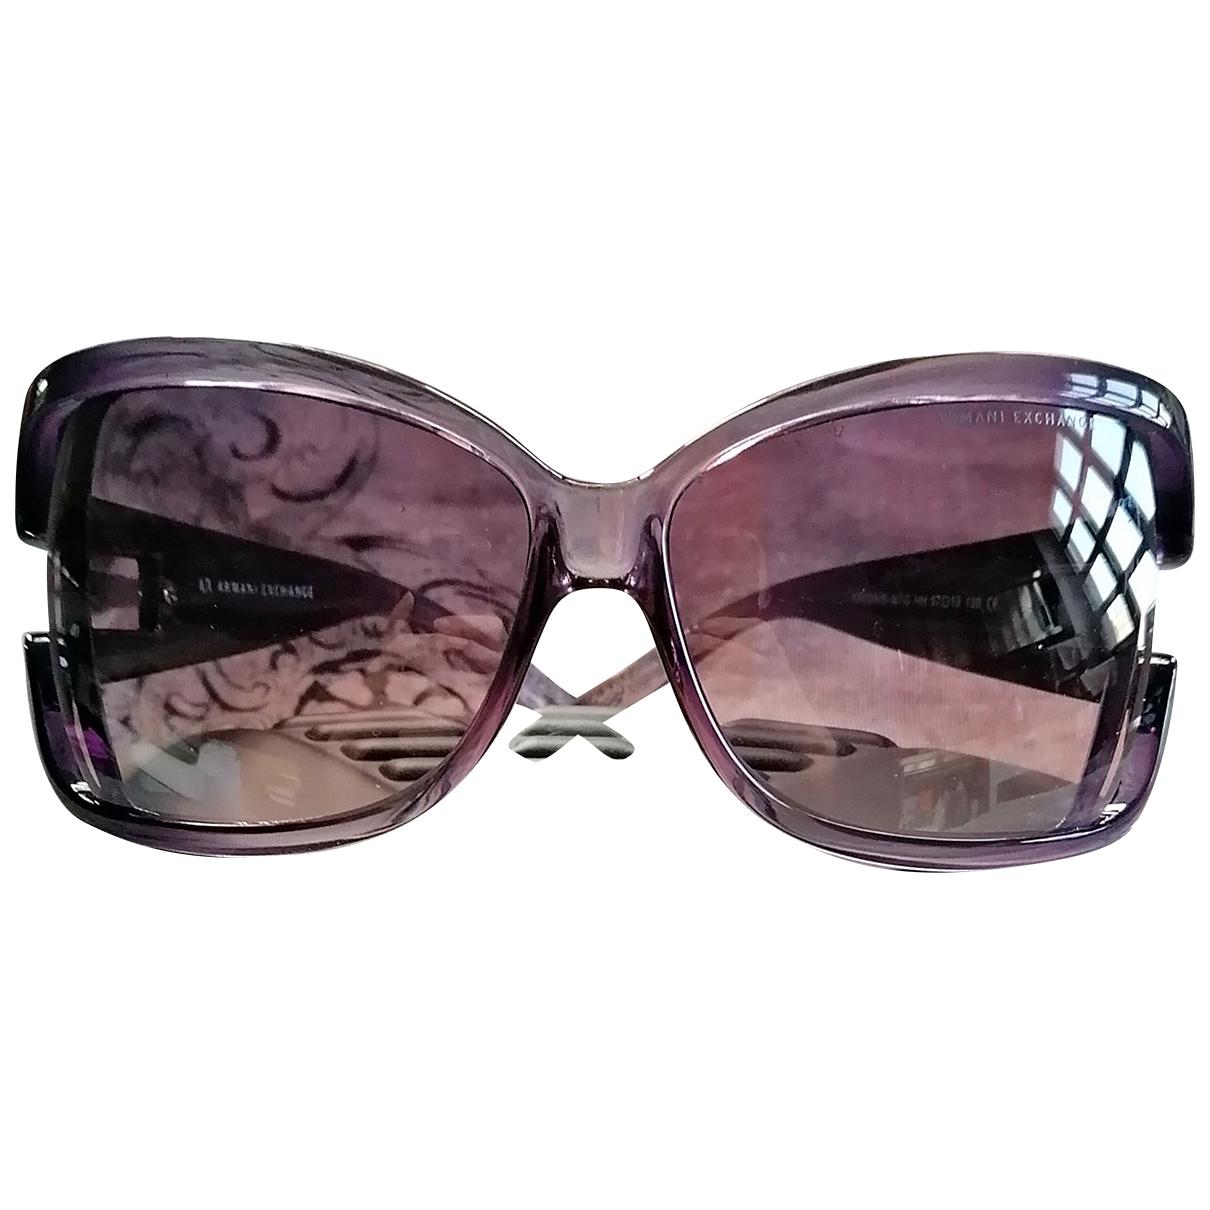 Emporio Armani - Lunettes   pour femme - violet